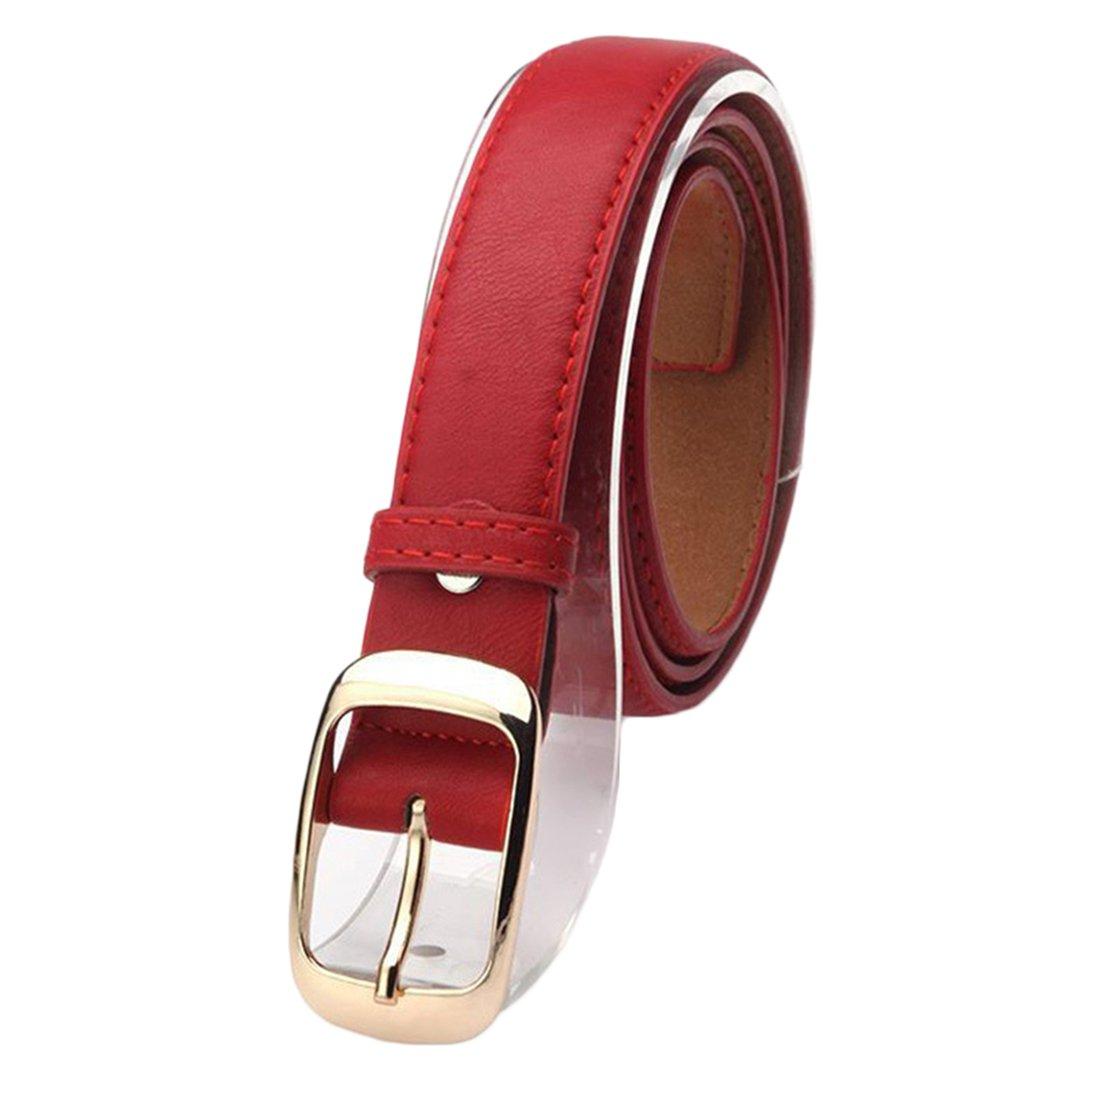 Bluelans® Fashion Women's Black Faux Leather Belt - 27mm(1.06